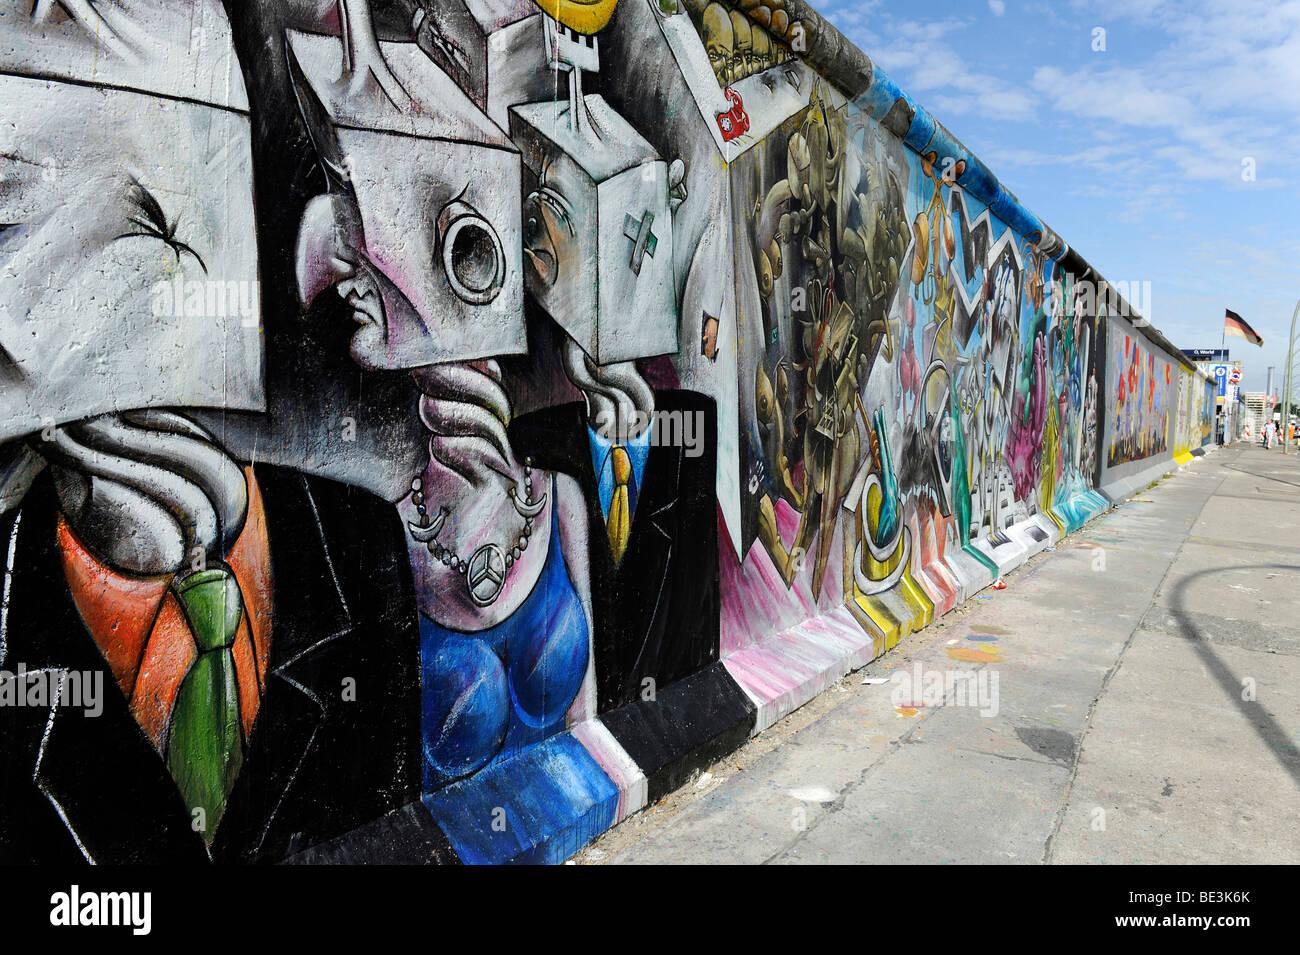 Teil der East Side Gallery, Stück der Berliner Mauer gemalt, nach dem Fall der Berliner Mauer, Berlin, Deutschland, Stockfoto